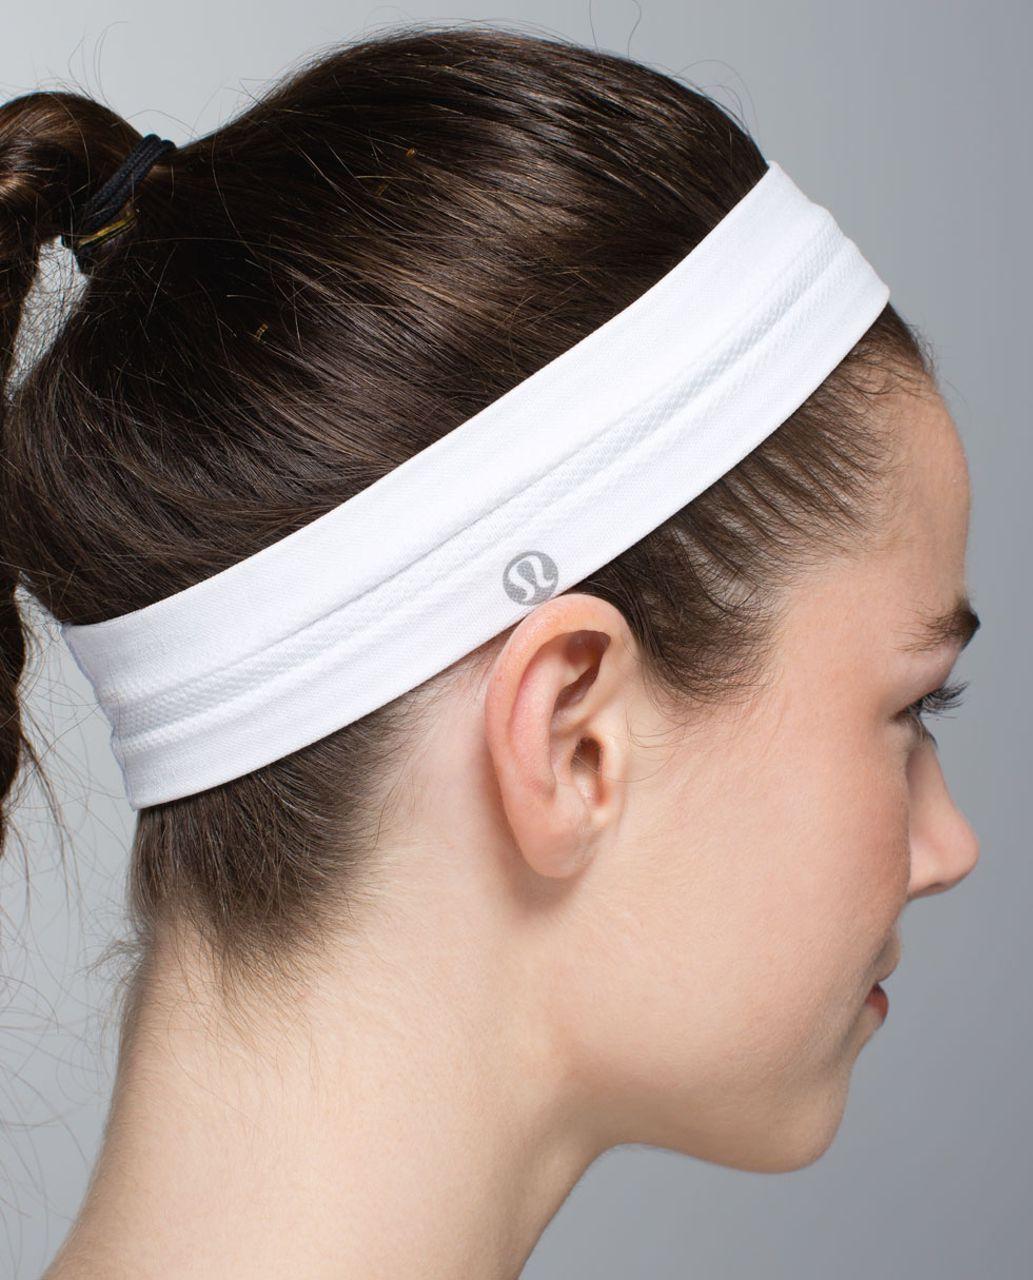 Lululemon Swiftly Headband - Heathered White